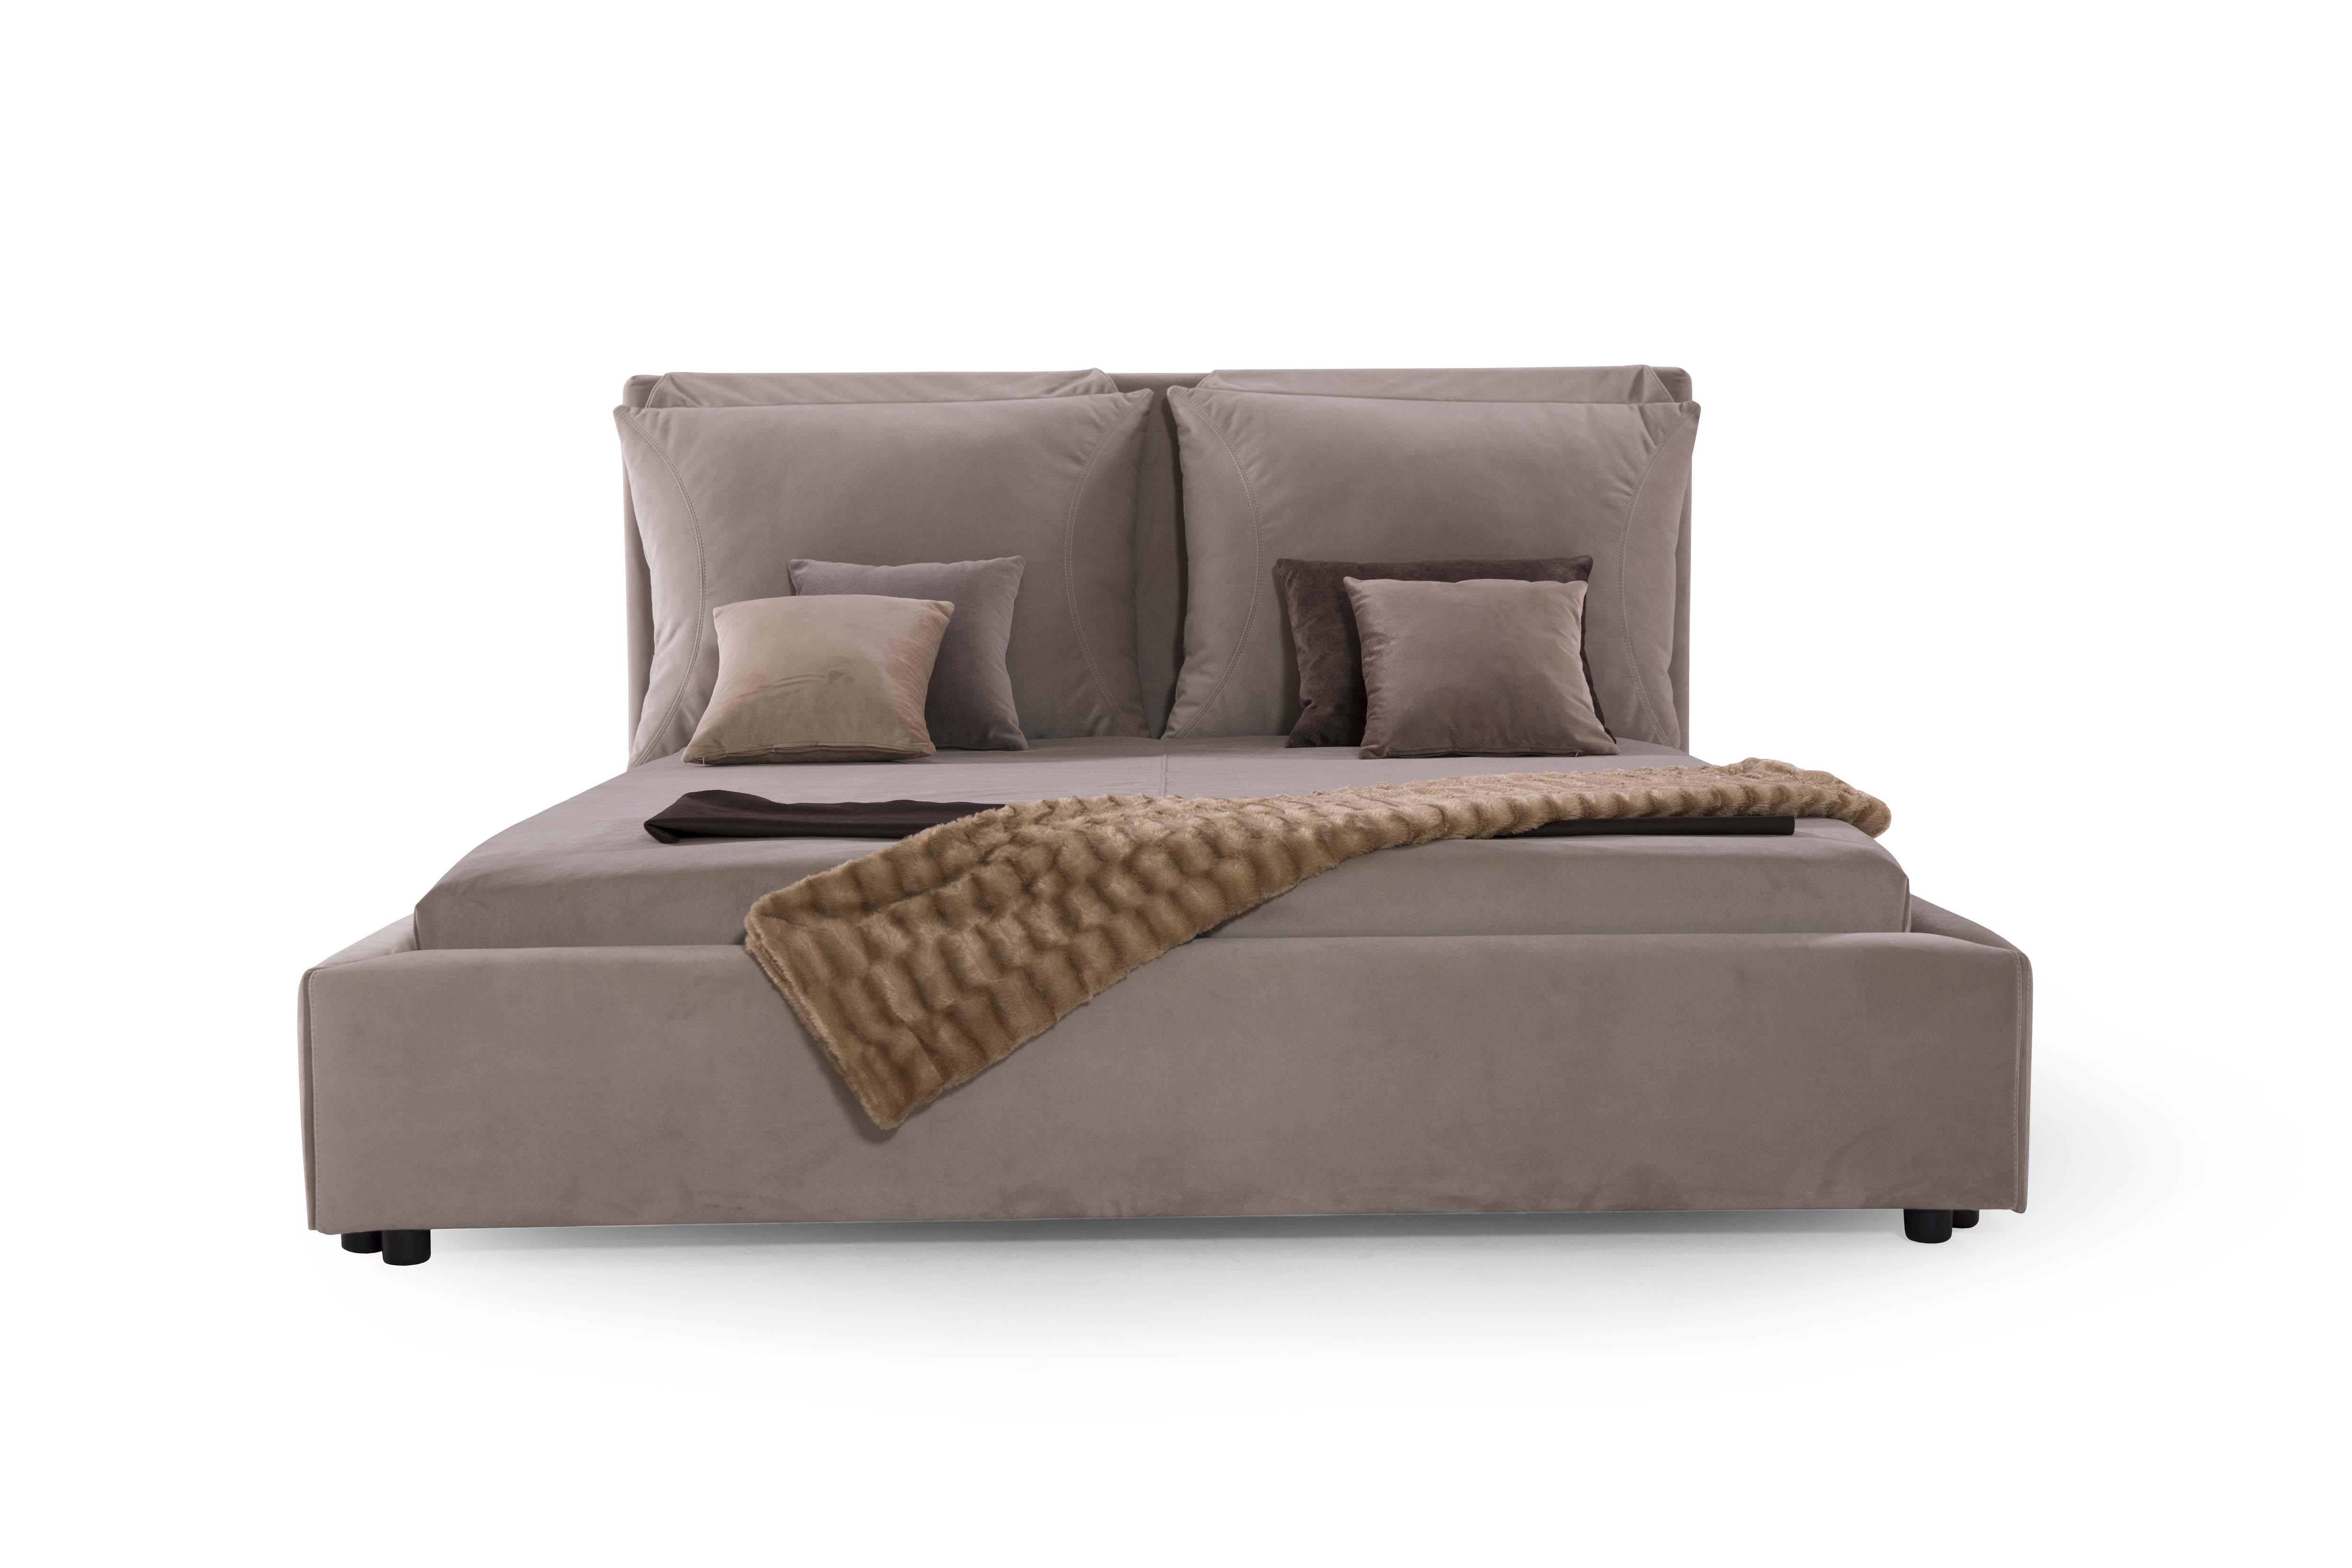 CHASE - Letto comfort con testiera realizzata con due morbidi cuscini regolabili, giroletto imbottito